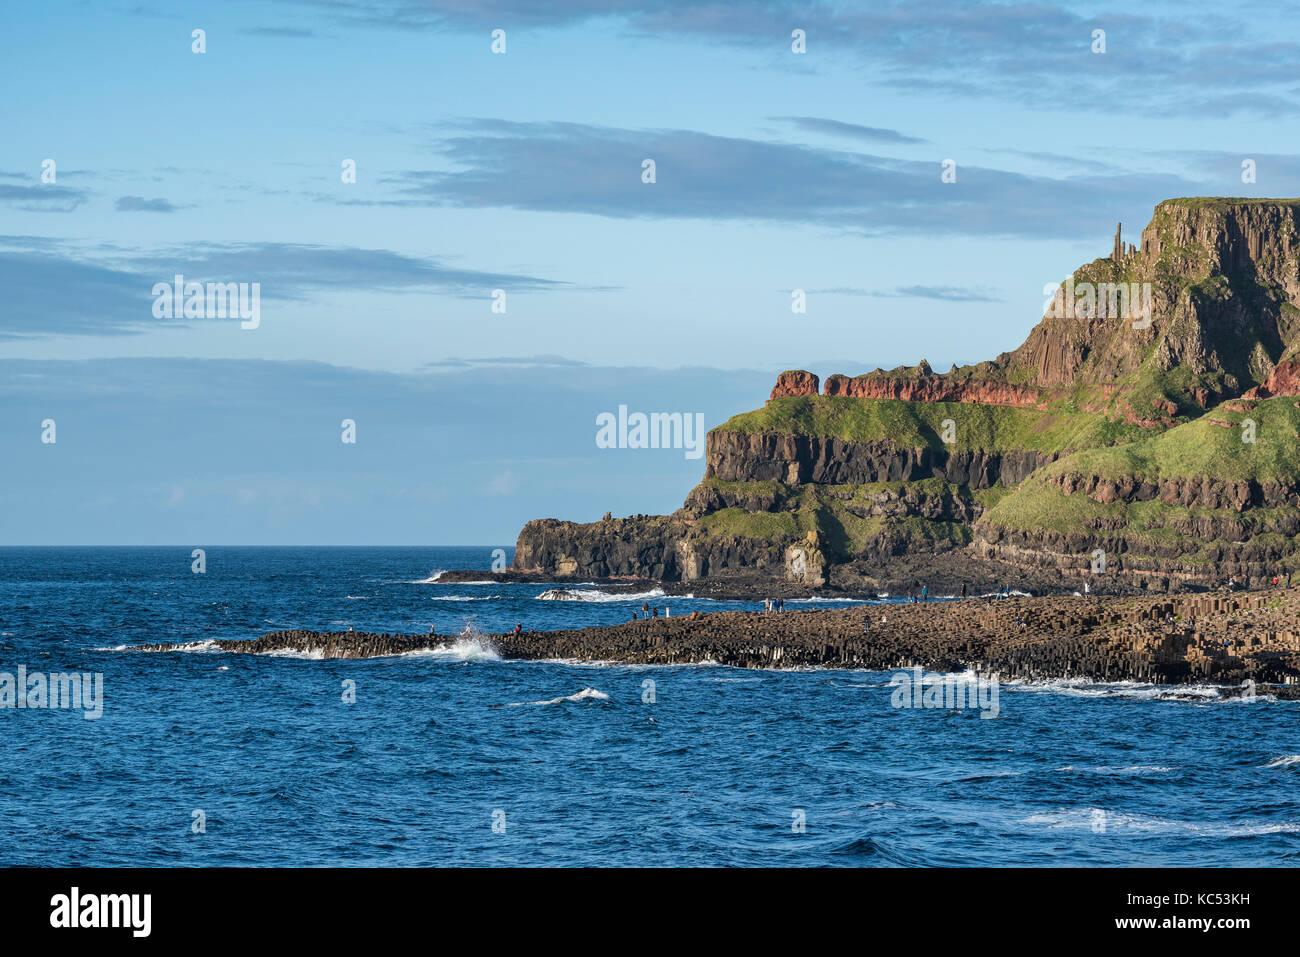 Die touristenattraktion Giant's Causeway auf der atlantischen Küste, County Antrim, Nordirland, Großbritannien Stockbild